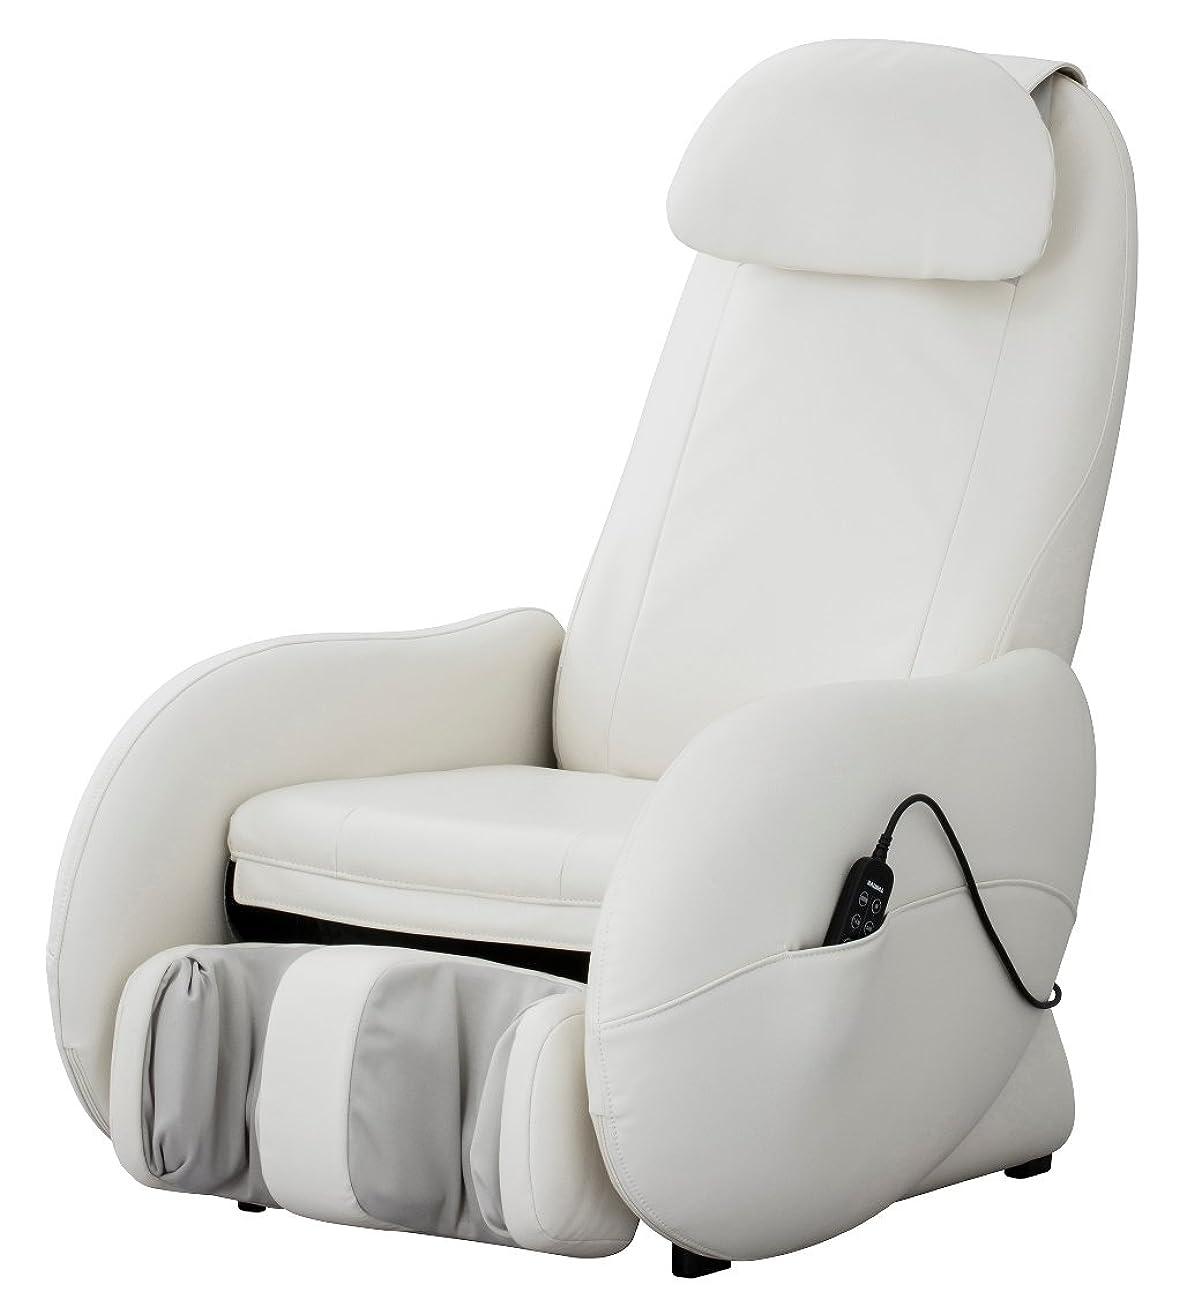 柔らかい足追加オーディションスライヴ マッサージチェア 「もみたたき機能搭載」 ホワイト CHD-3500 WH